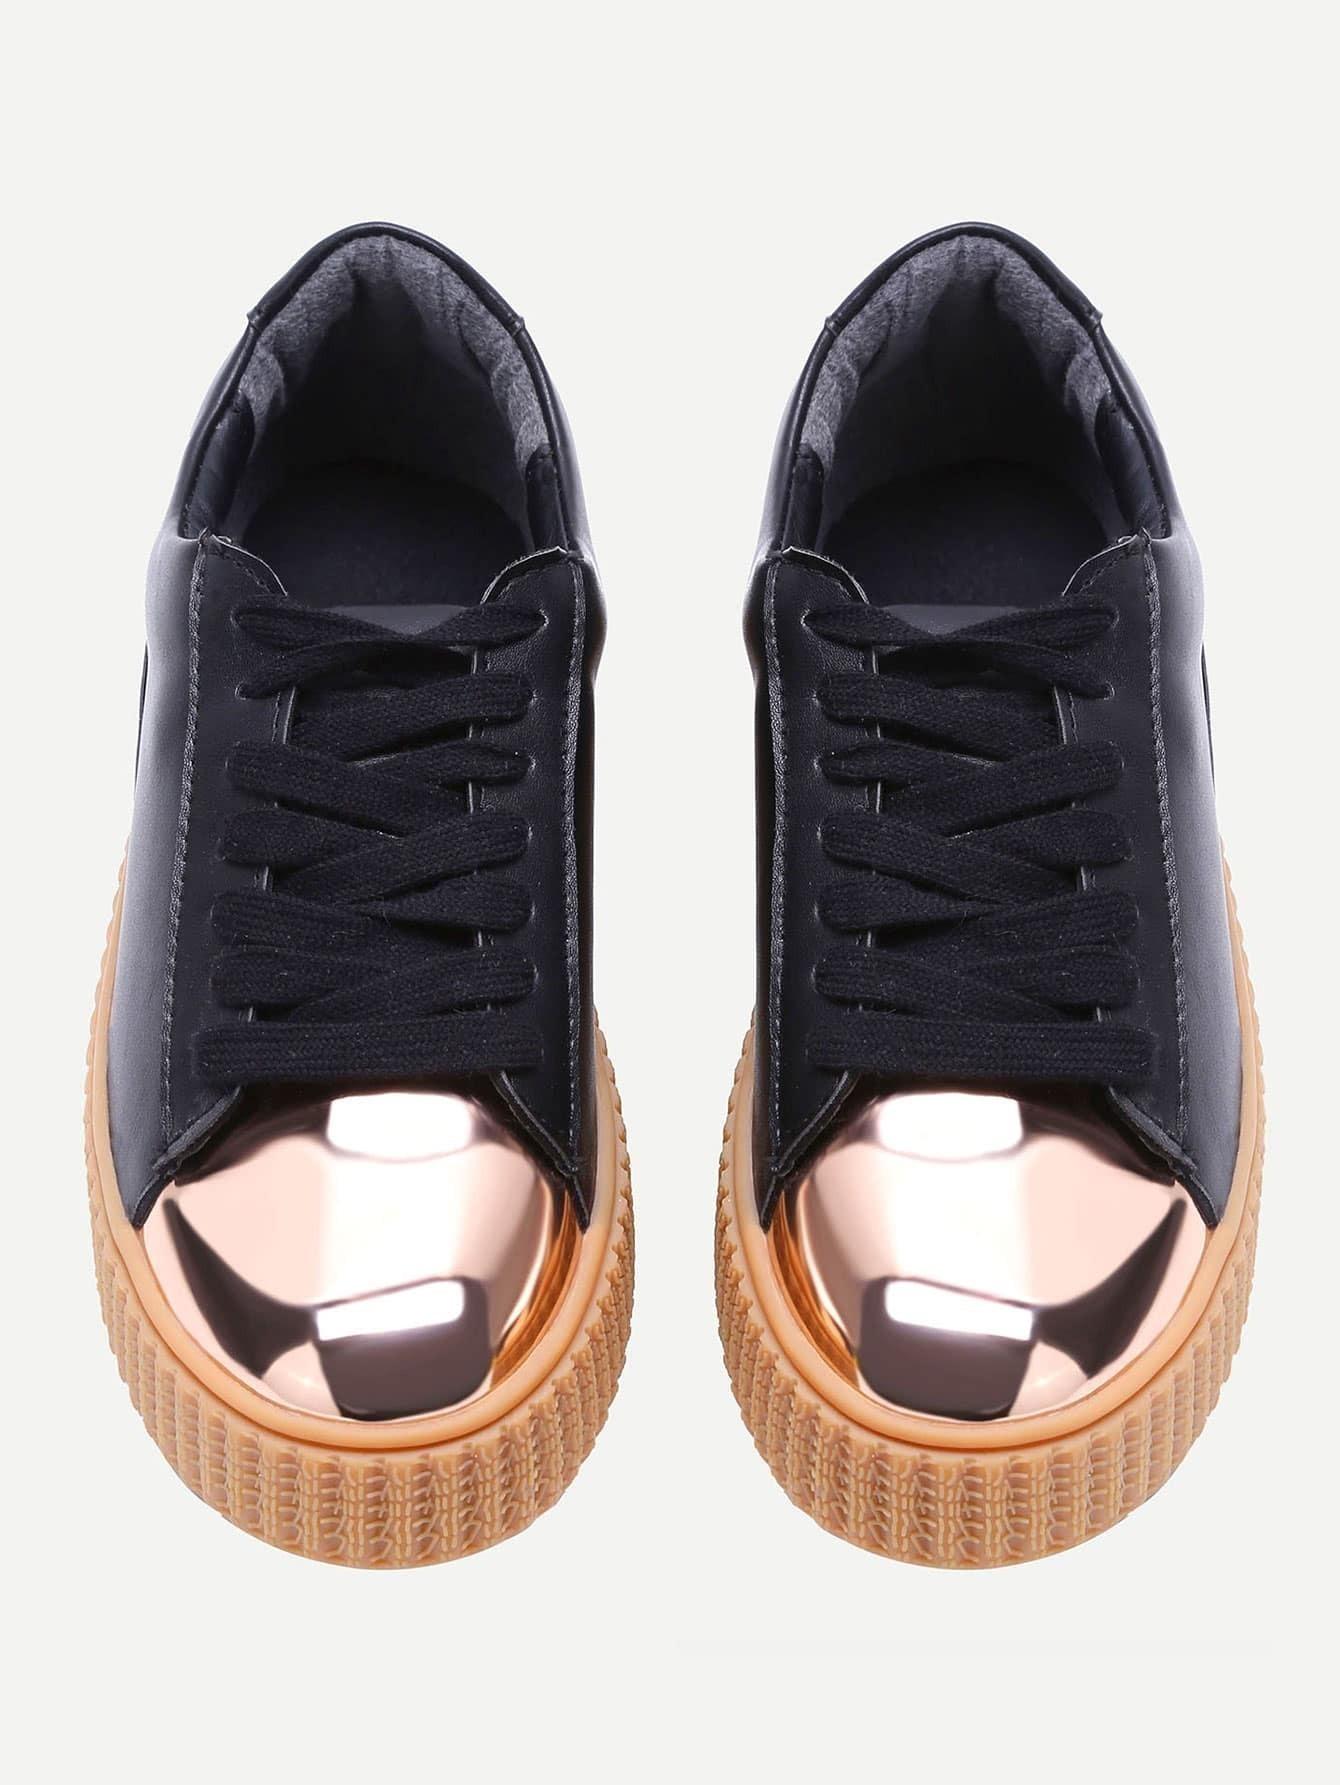 shoes170207801_2